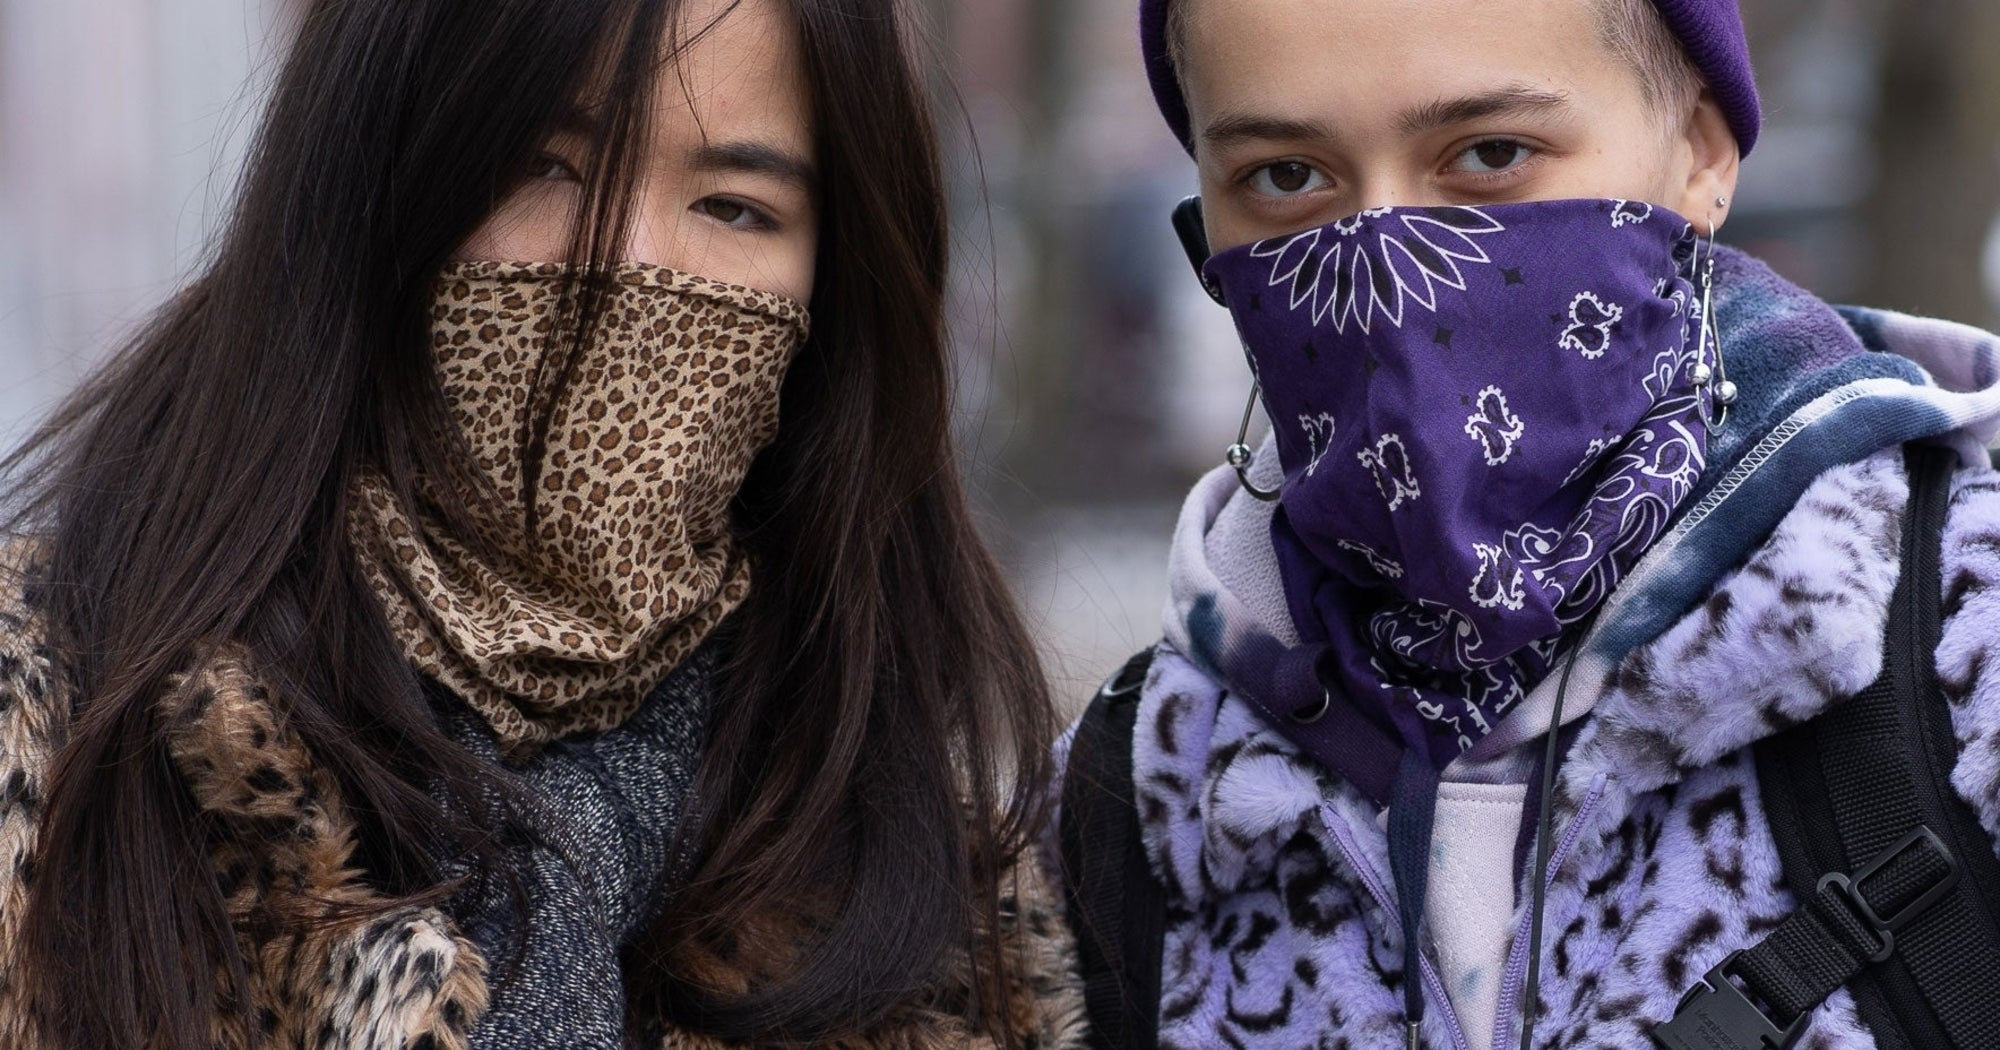 Masque maison : les tissus à privilégier selon les scientifiques